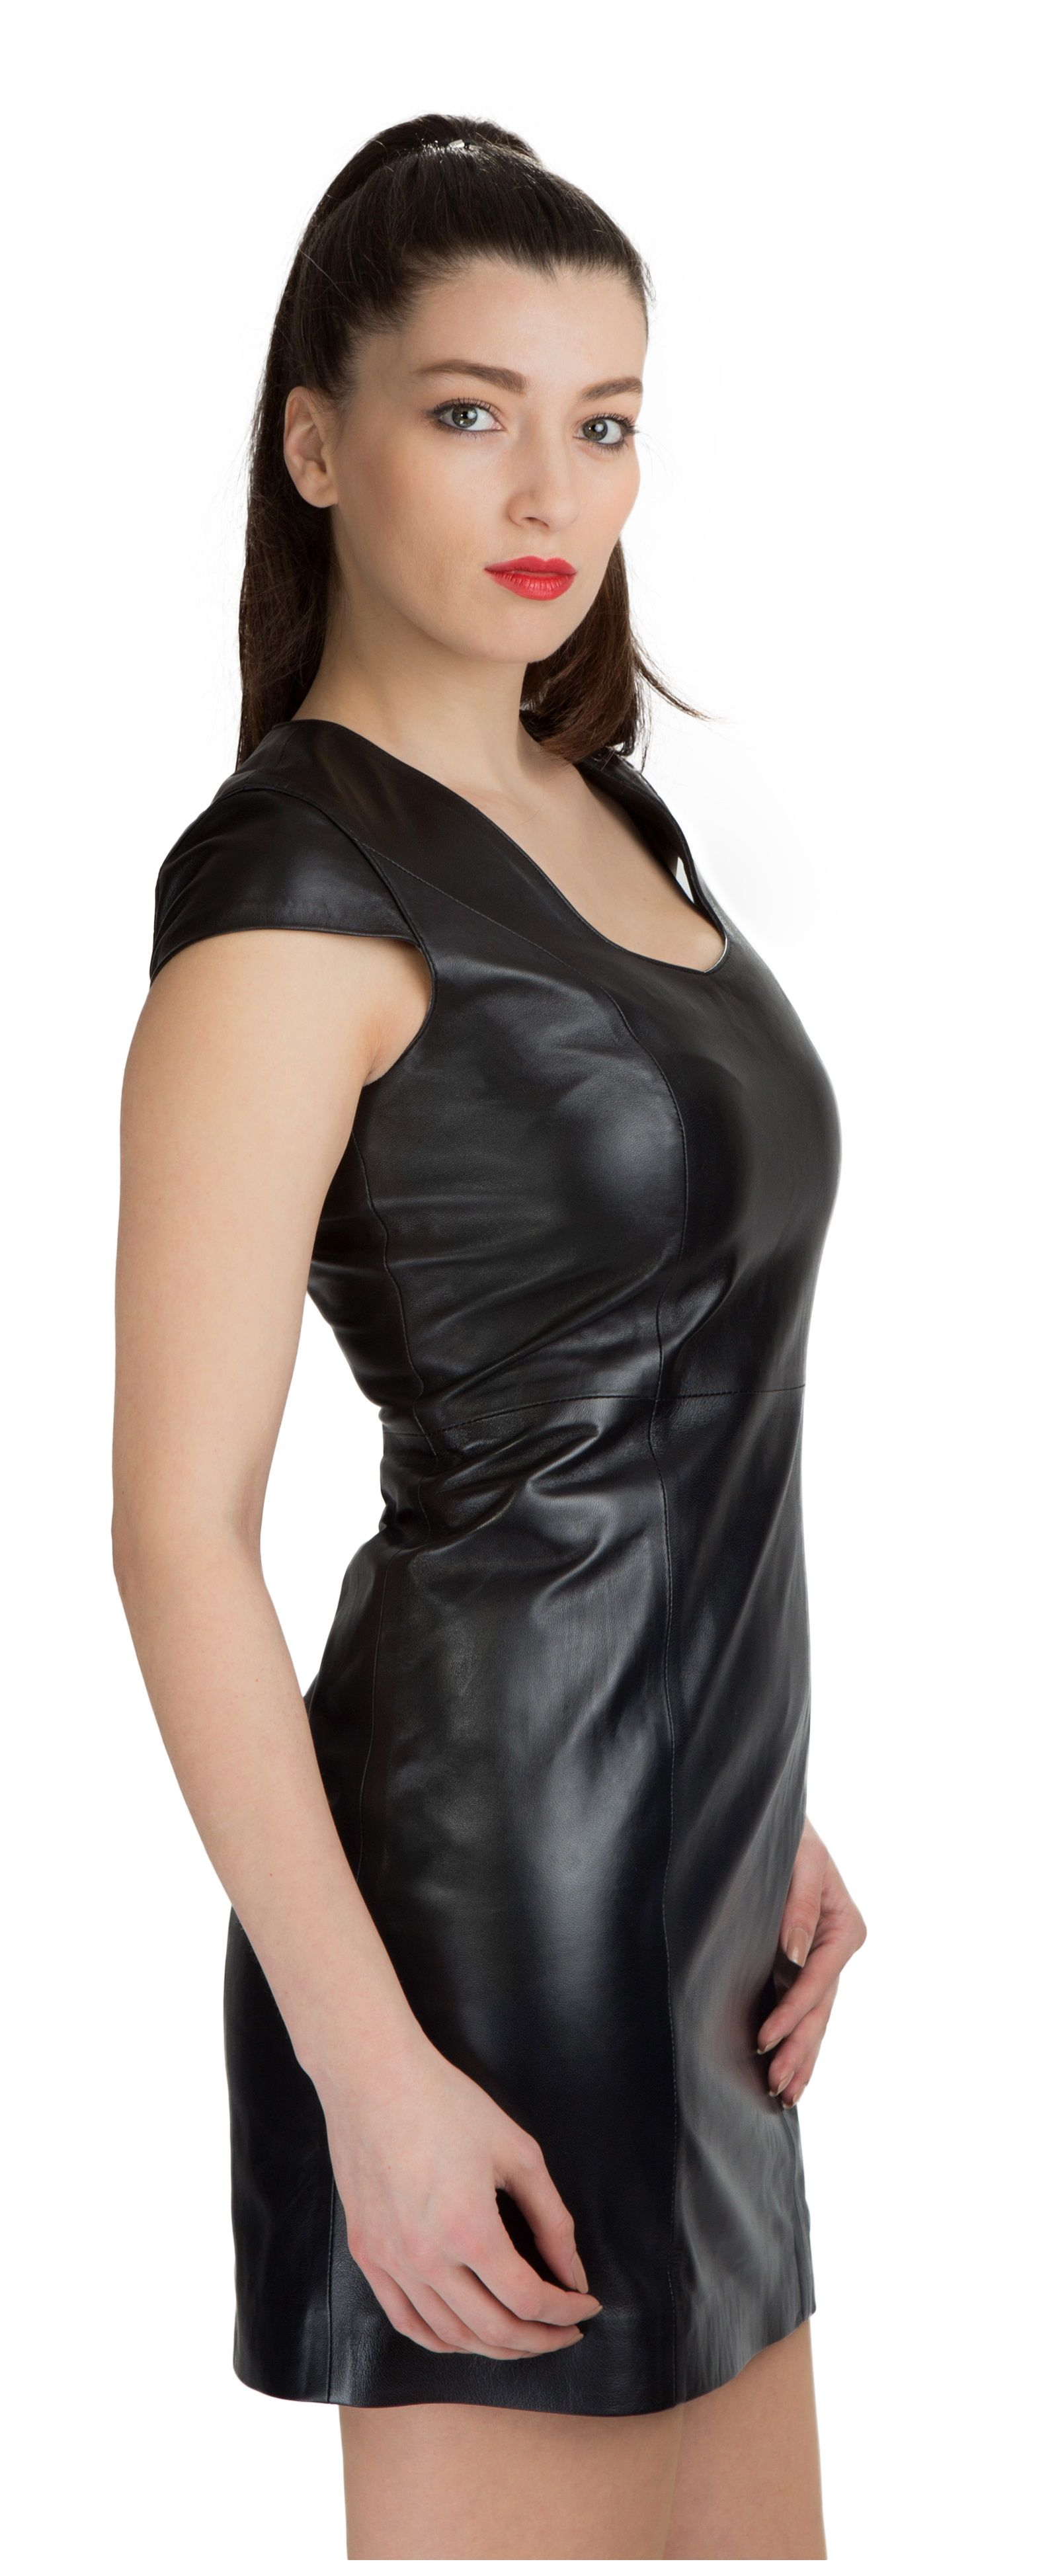 Pin von Mal Doran auf Leder-/Kunstleder-/Wetlook-Kleidung